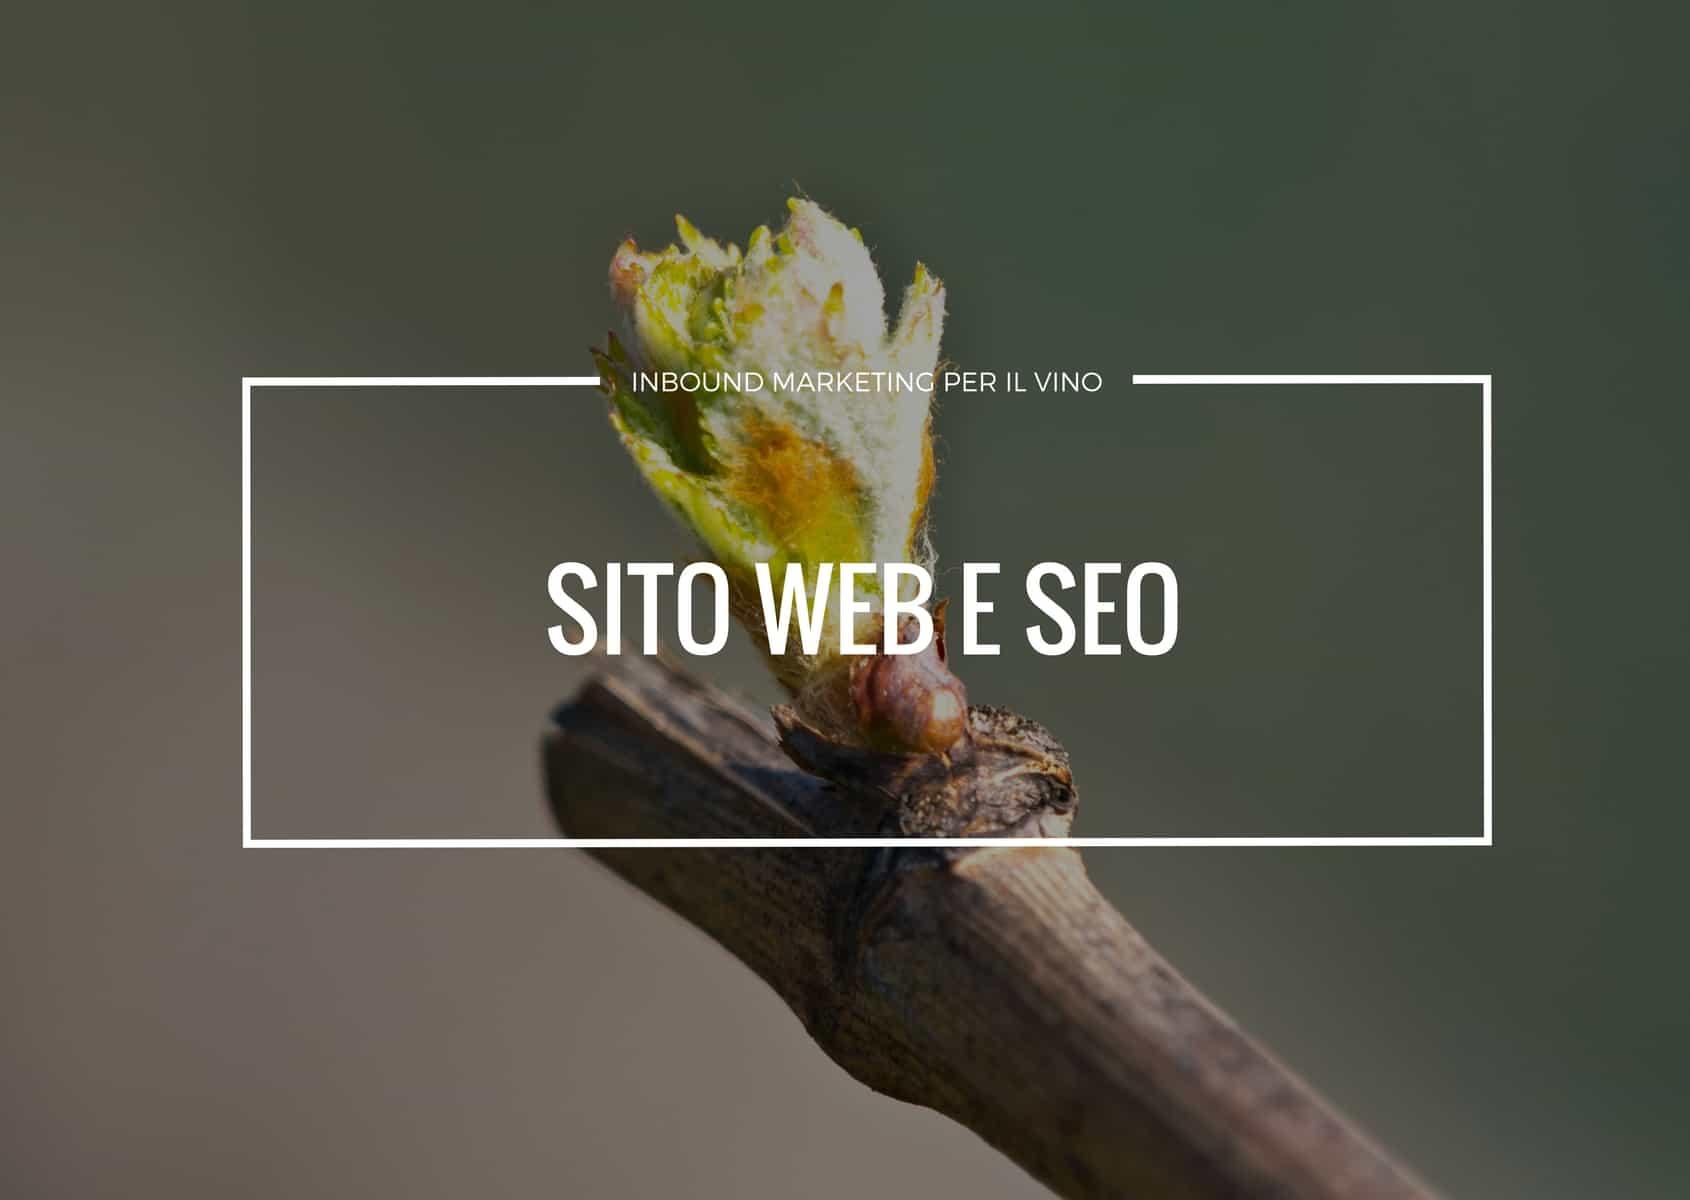 il sito web e la seo sono i primi due elementi di grande valore per l'implementazione di una strategia di inbound marketing